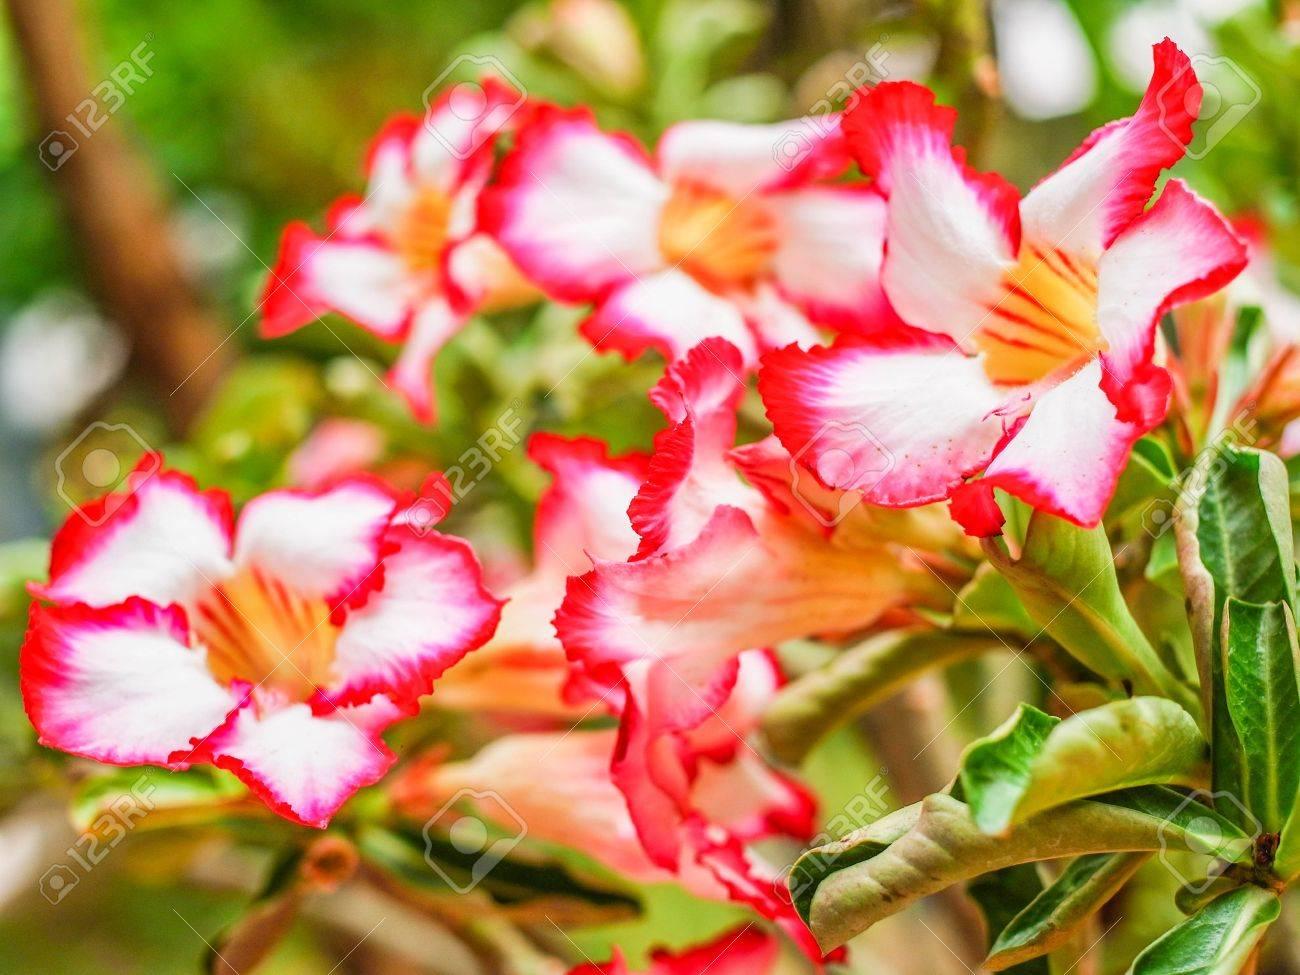 Ein Baum Mit Schönen Blumen Und Verheißungsvollen Namen Lizenzfreie